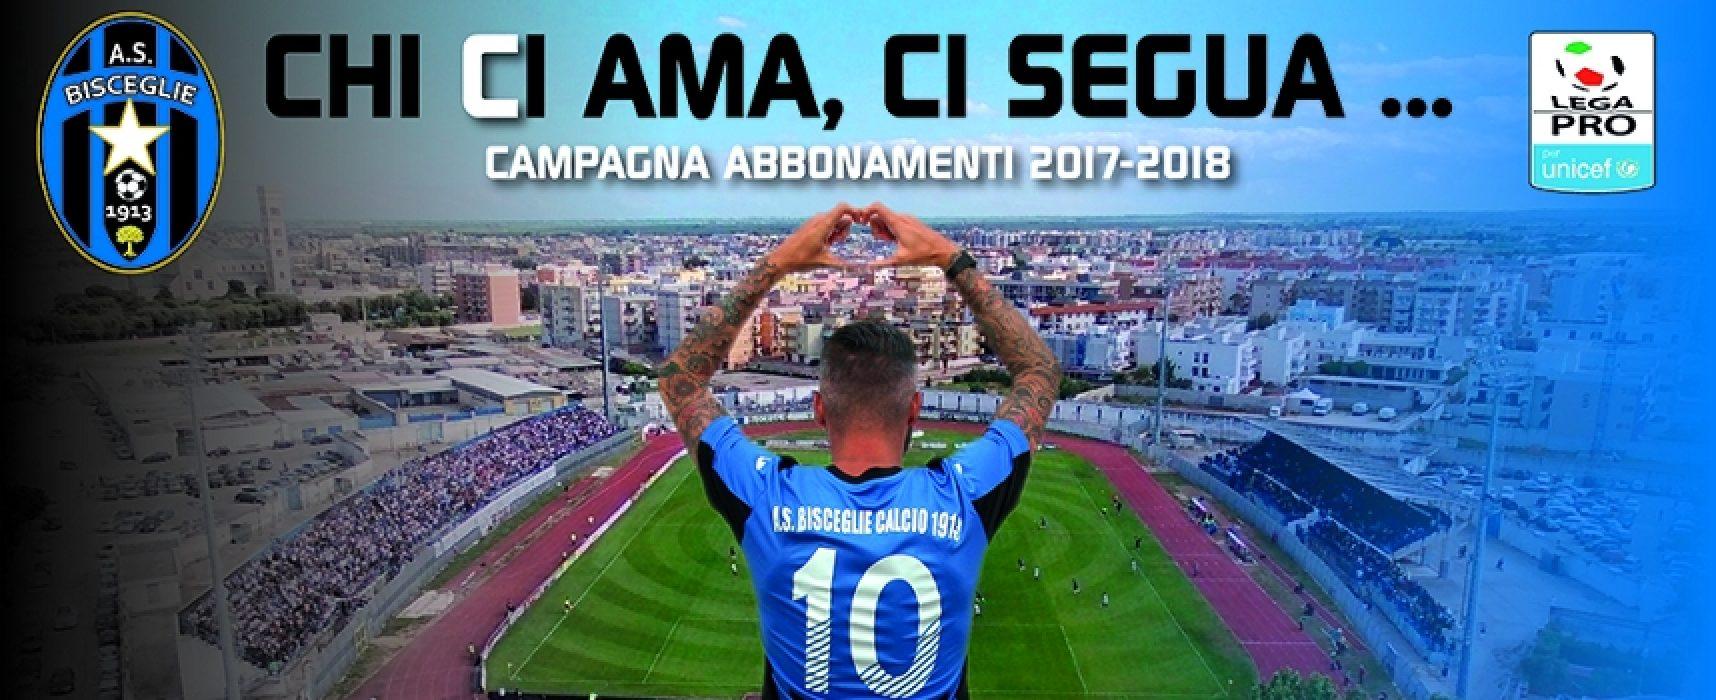 Bisceglie Calcio, presentata la campagna abbonamenti per il campionato di serie C